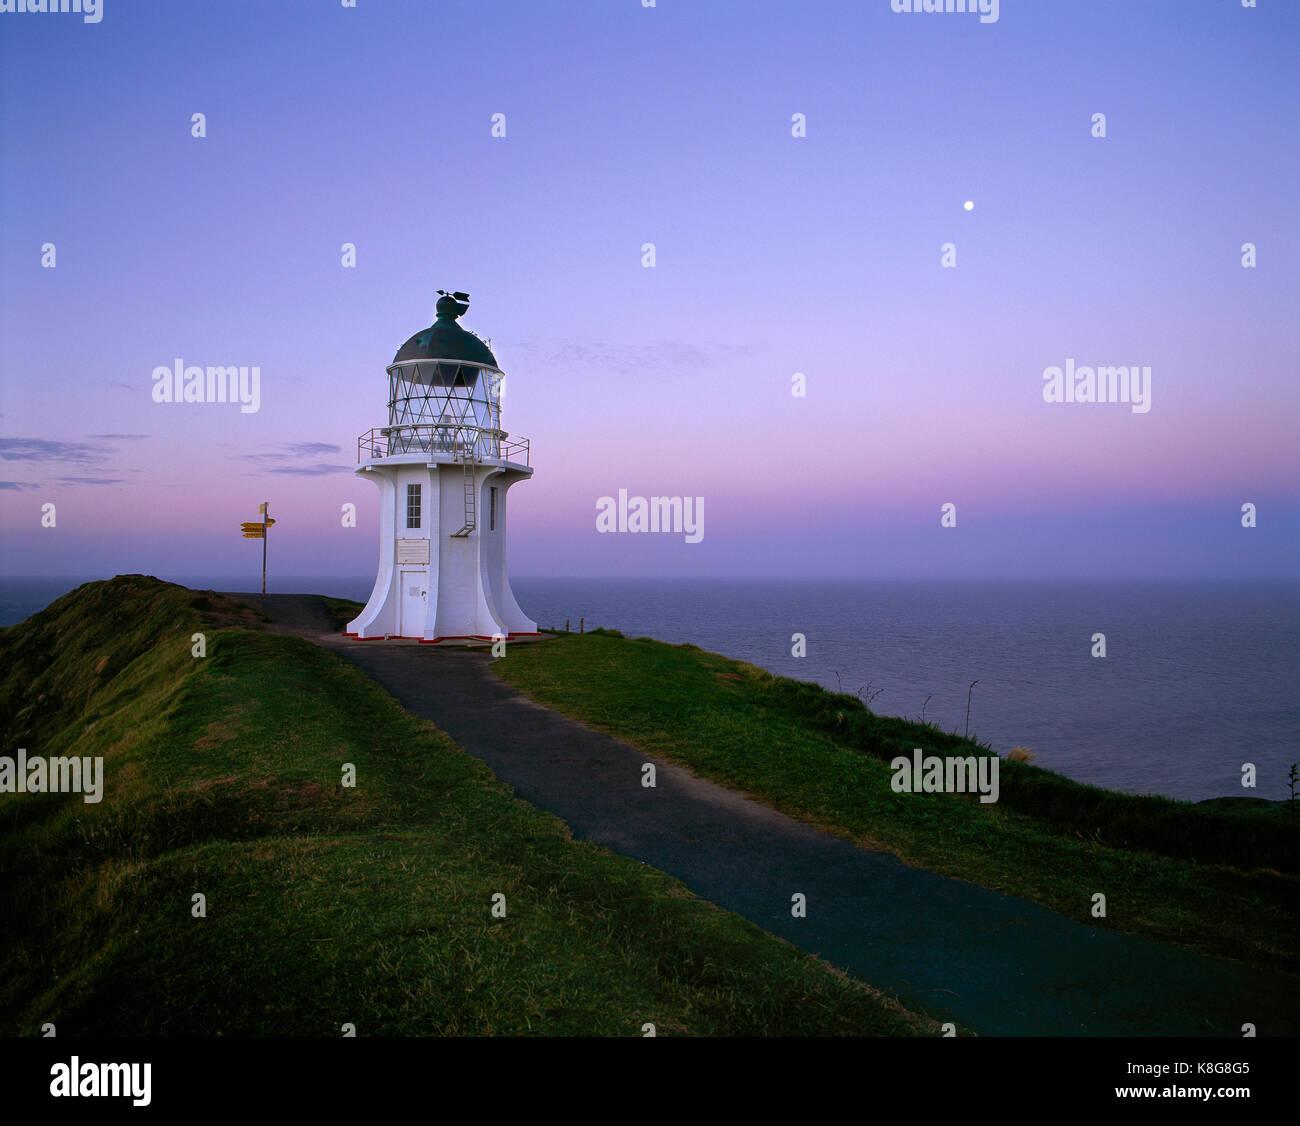 New Zealand. North Island. Cape Reinga lighthouse at dusk. - Stock Image